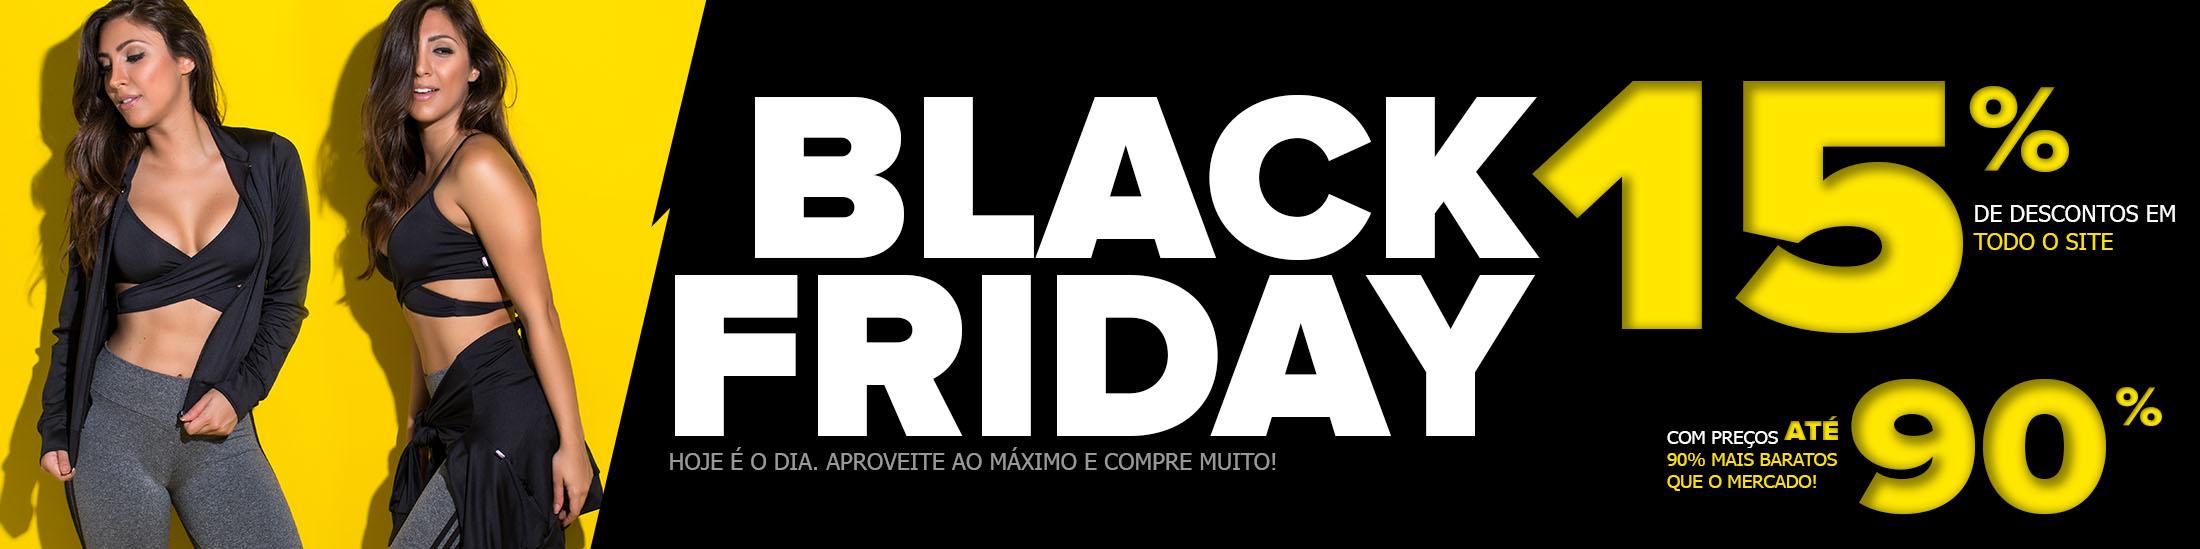 Banner Black Friday Moda Fitness